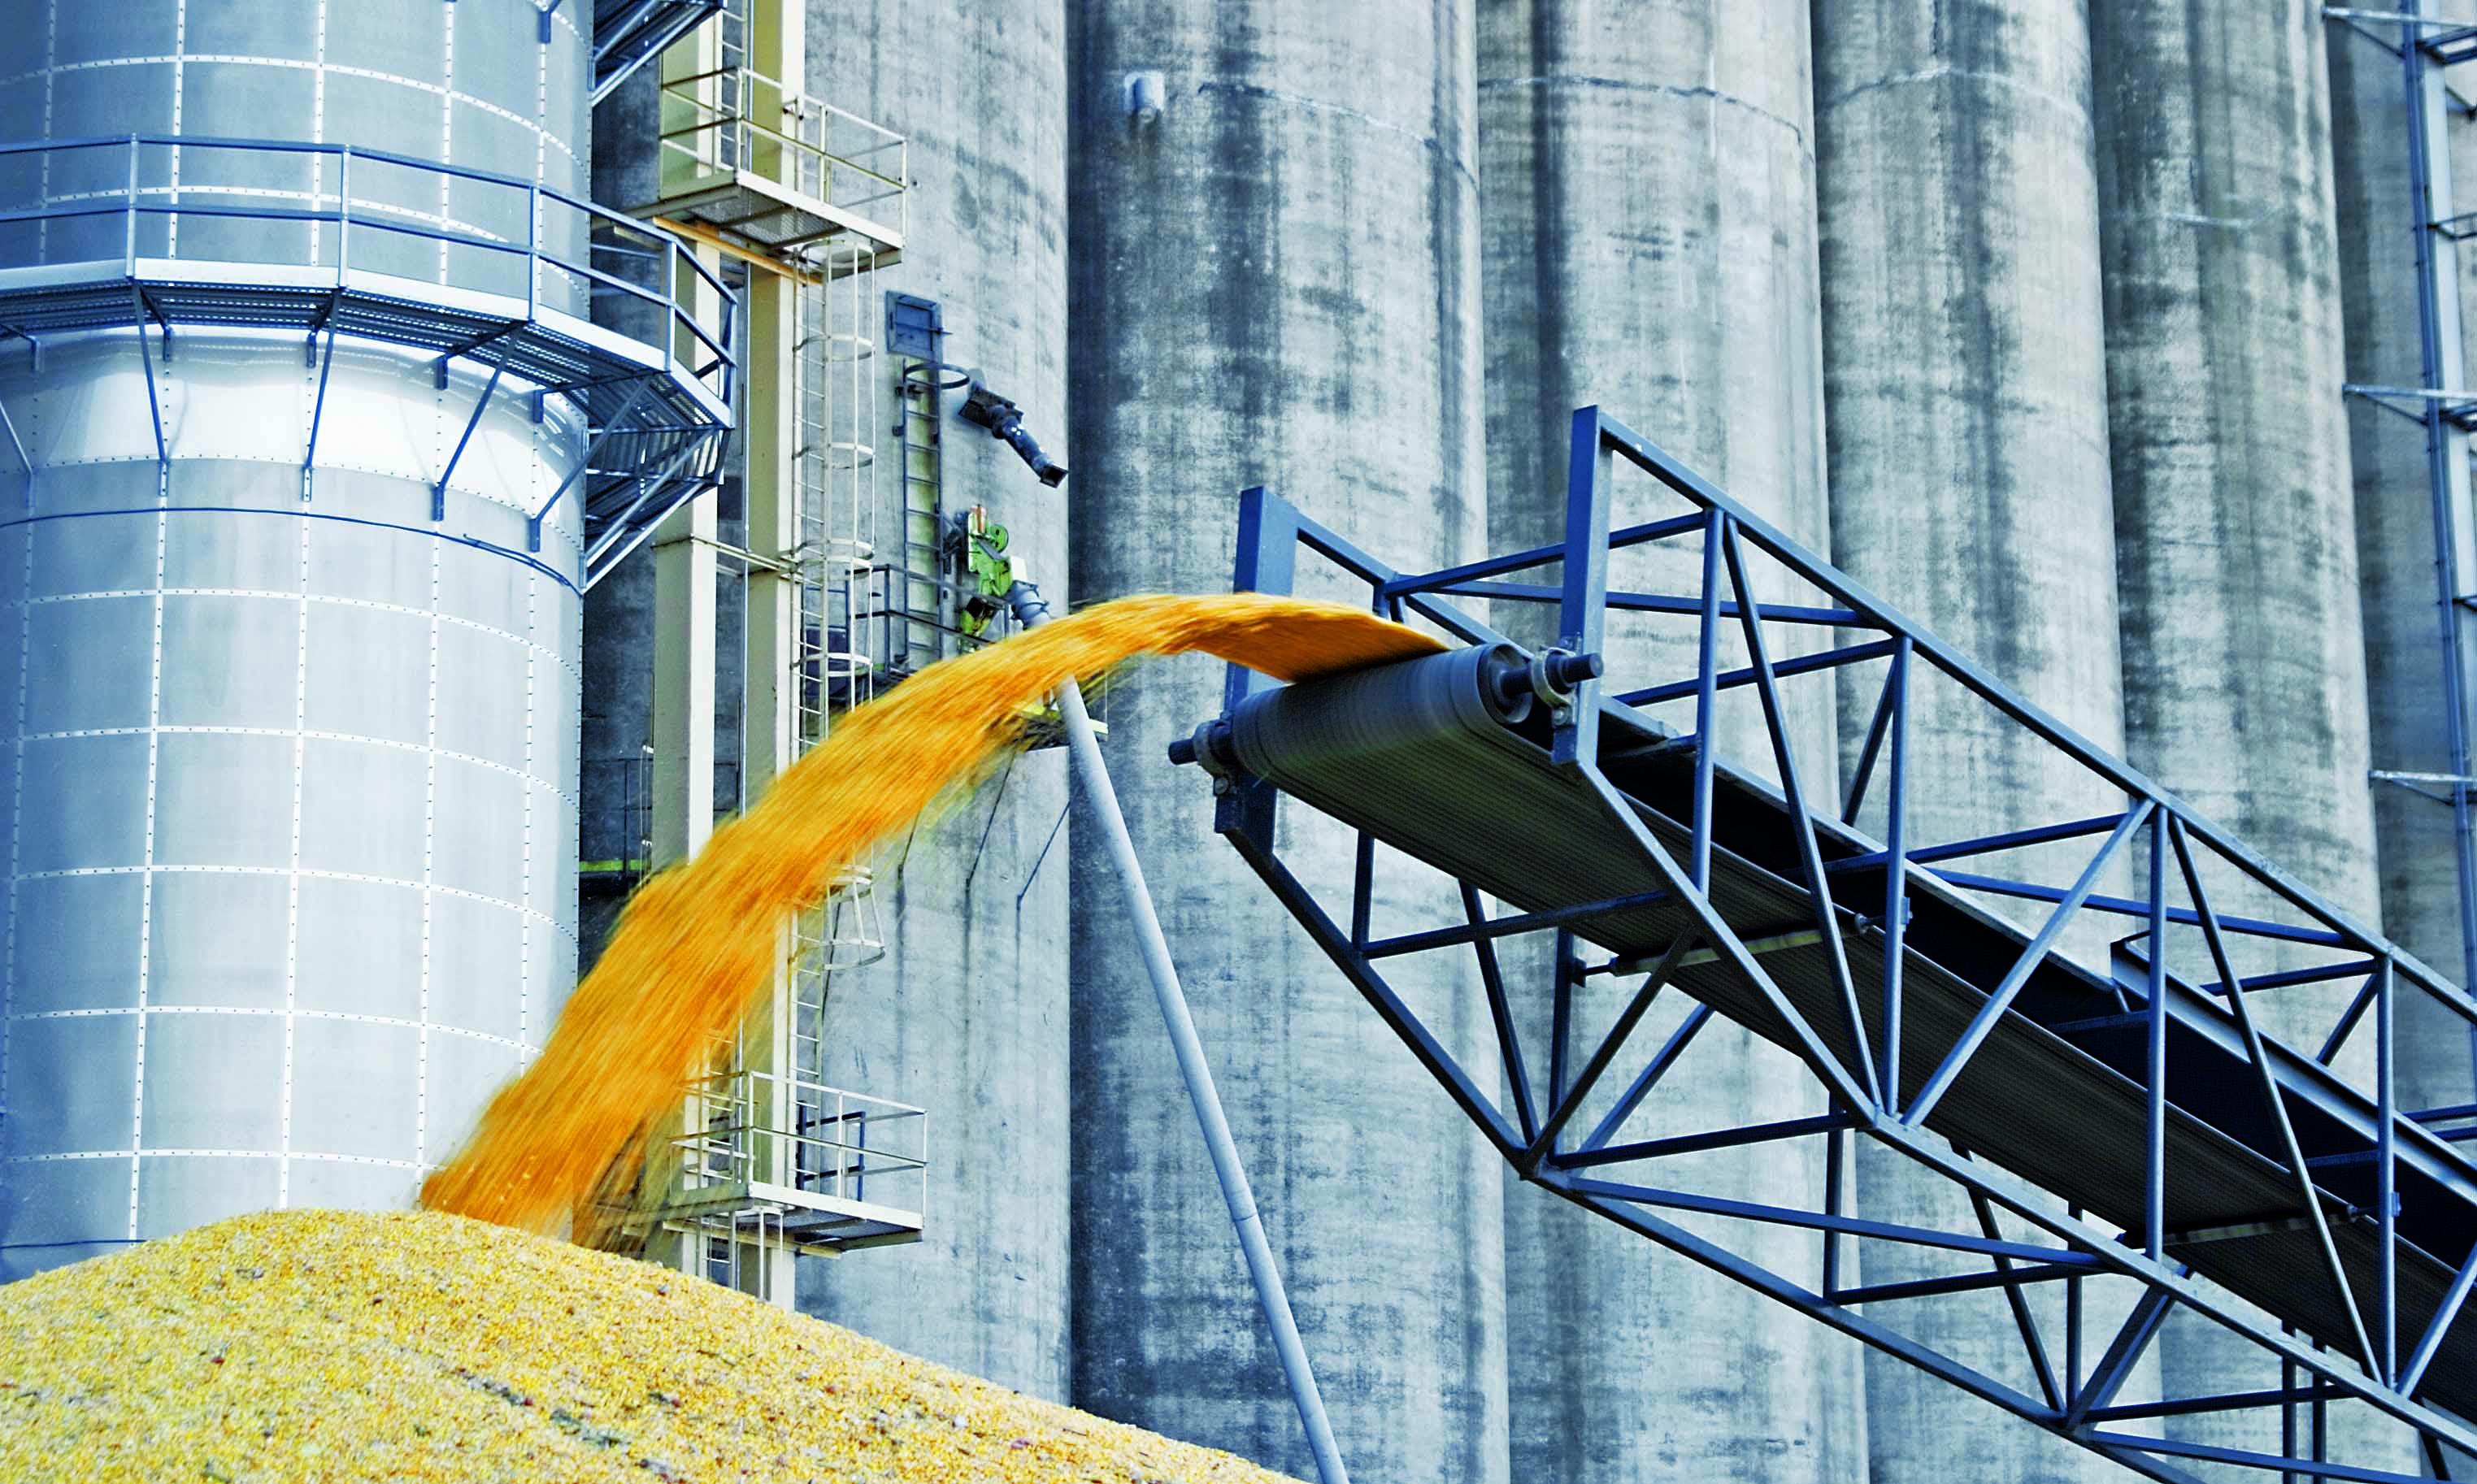 Элеваторы энгельс краткая запись к задаче на элеватор привезли в первый день 4720 ц пшеницы